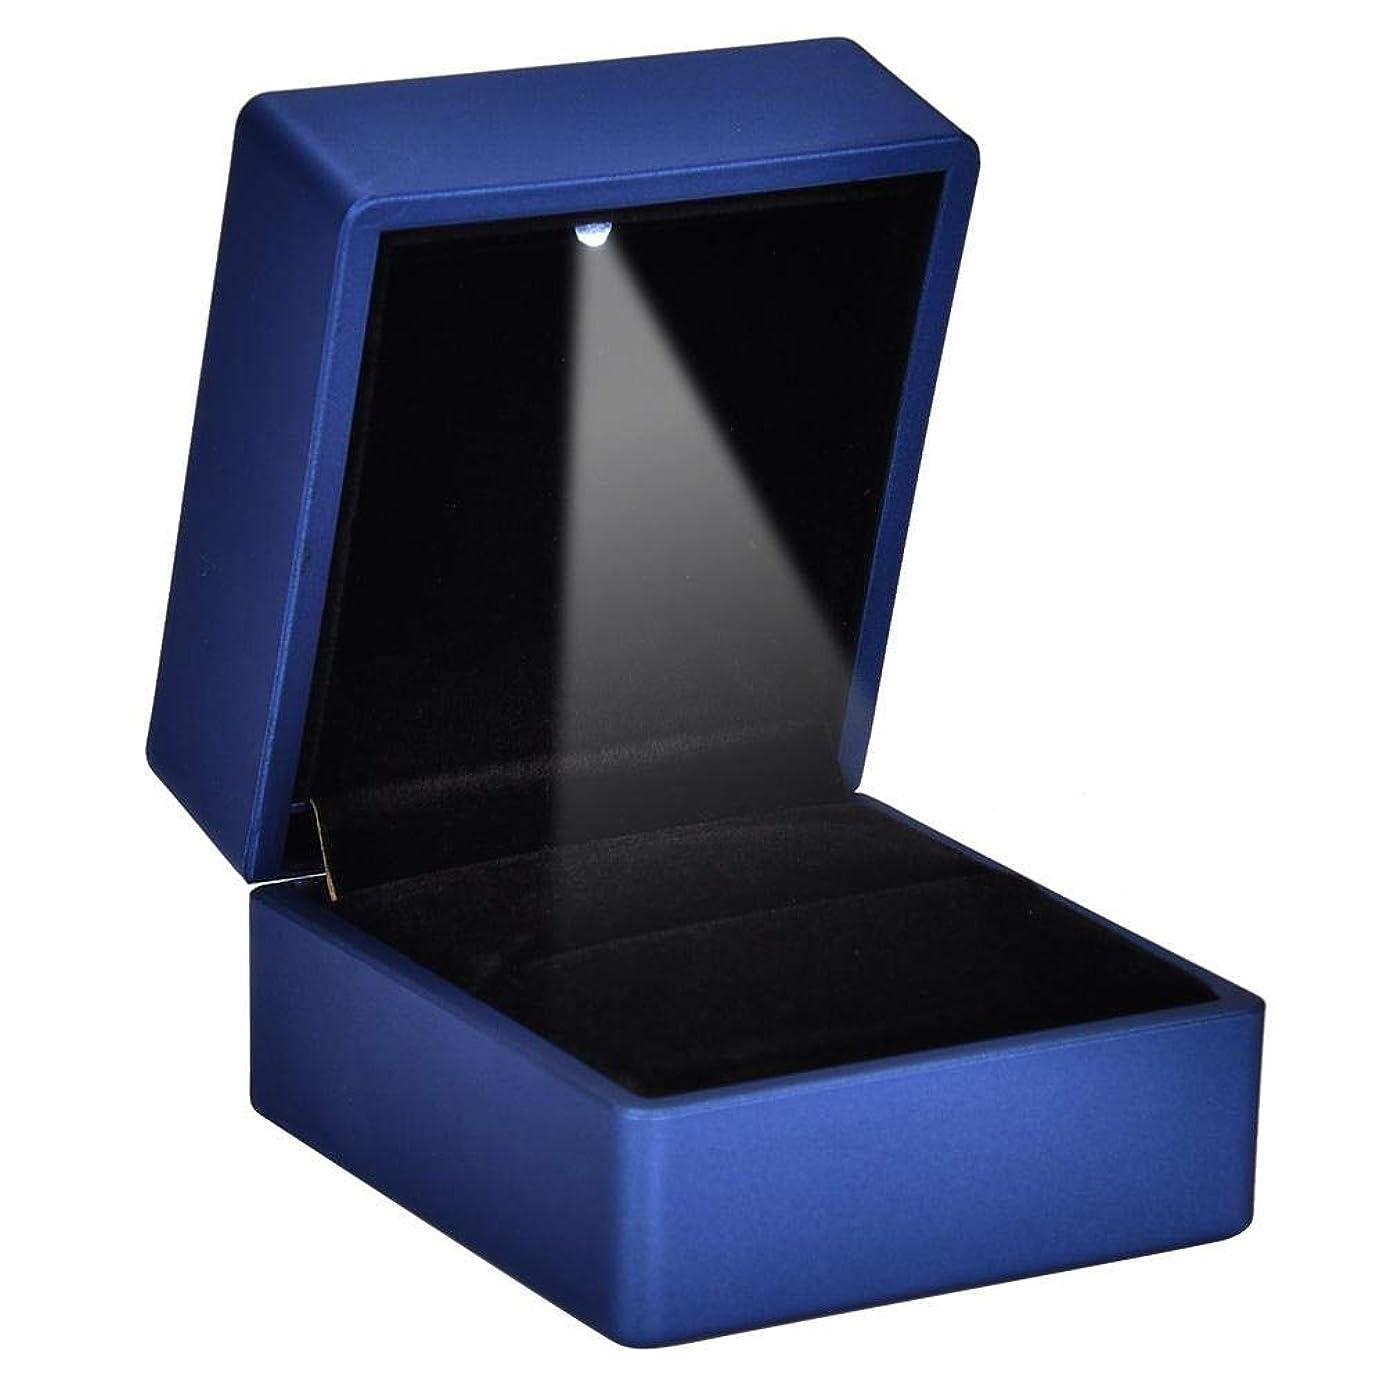 保護みすぼらしいアクセスできない2種類ファッショナブルなLEDリングボックス - 内部LED照明付きリングケース、ジュエリーホルダーリング収納ケース、結婚式の提案(ブルー-90 * 70 * 35)